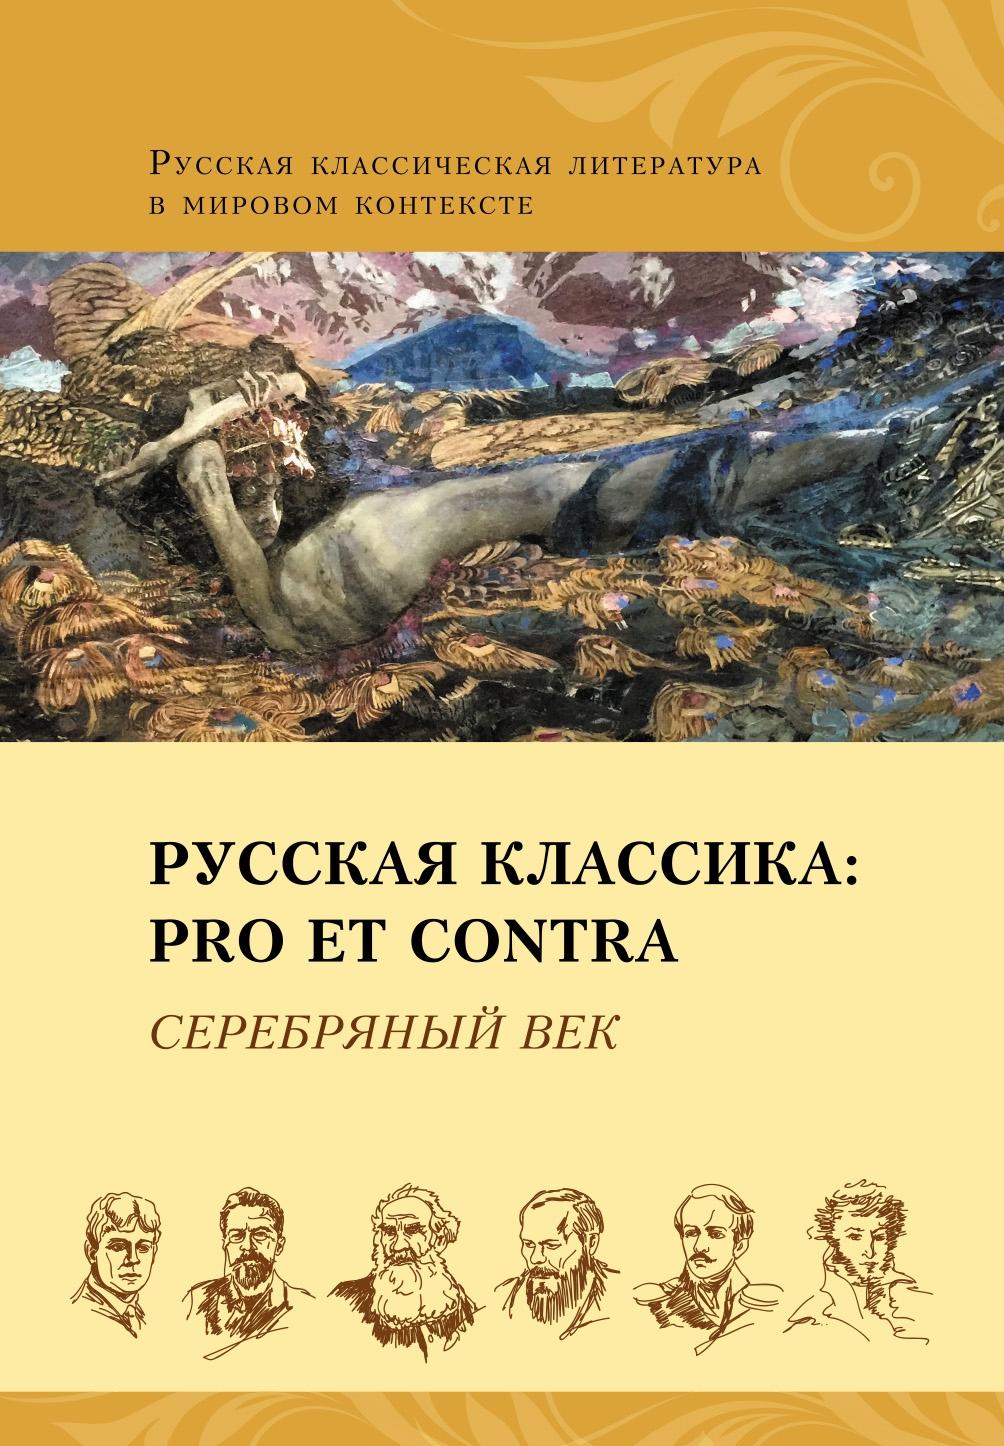 Русская классика: pro et contra. Серебряный век, антология. Издательство РХГА